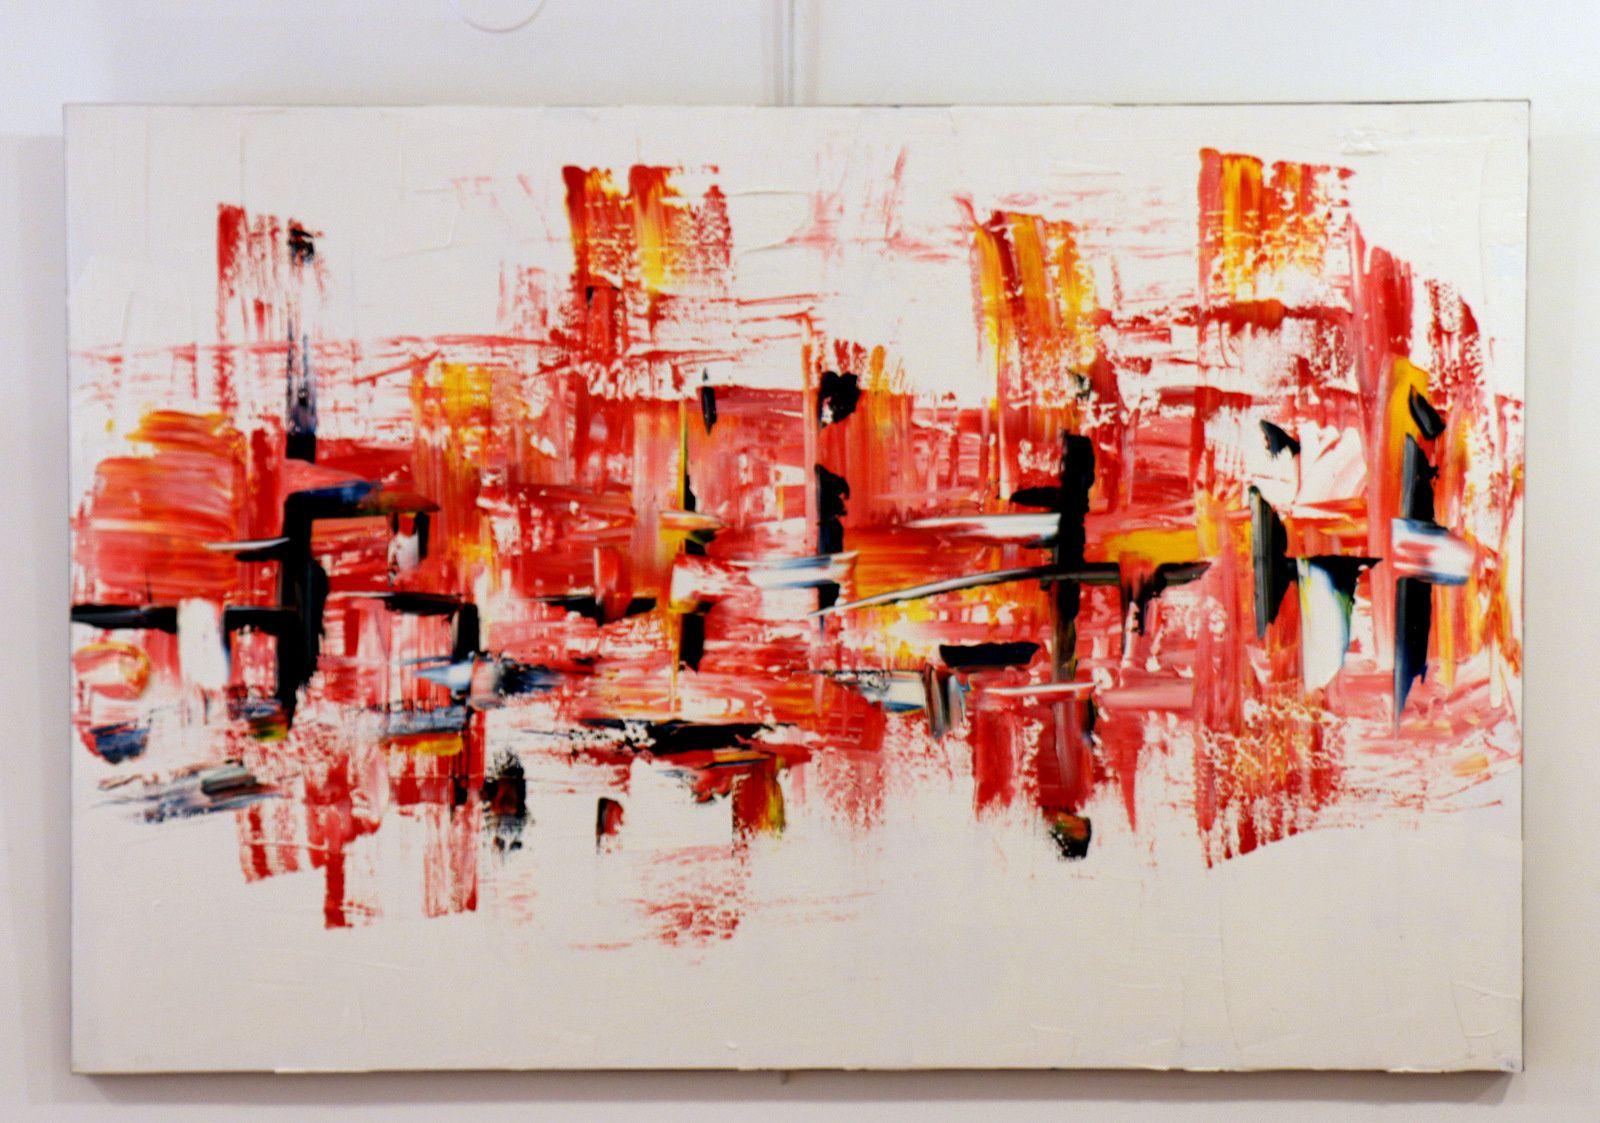 Artiste-plasticien deC, exposition de peintures